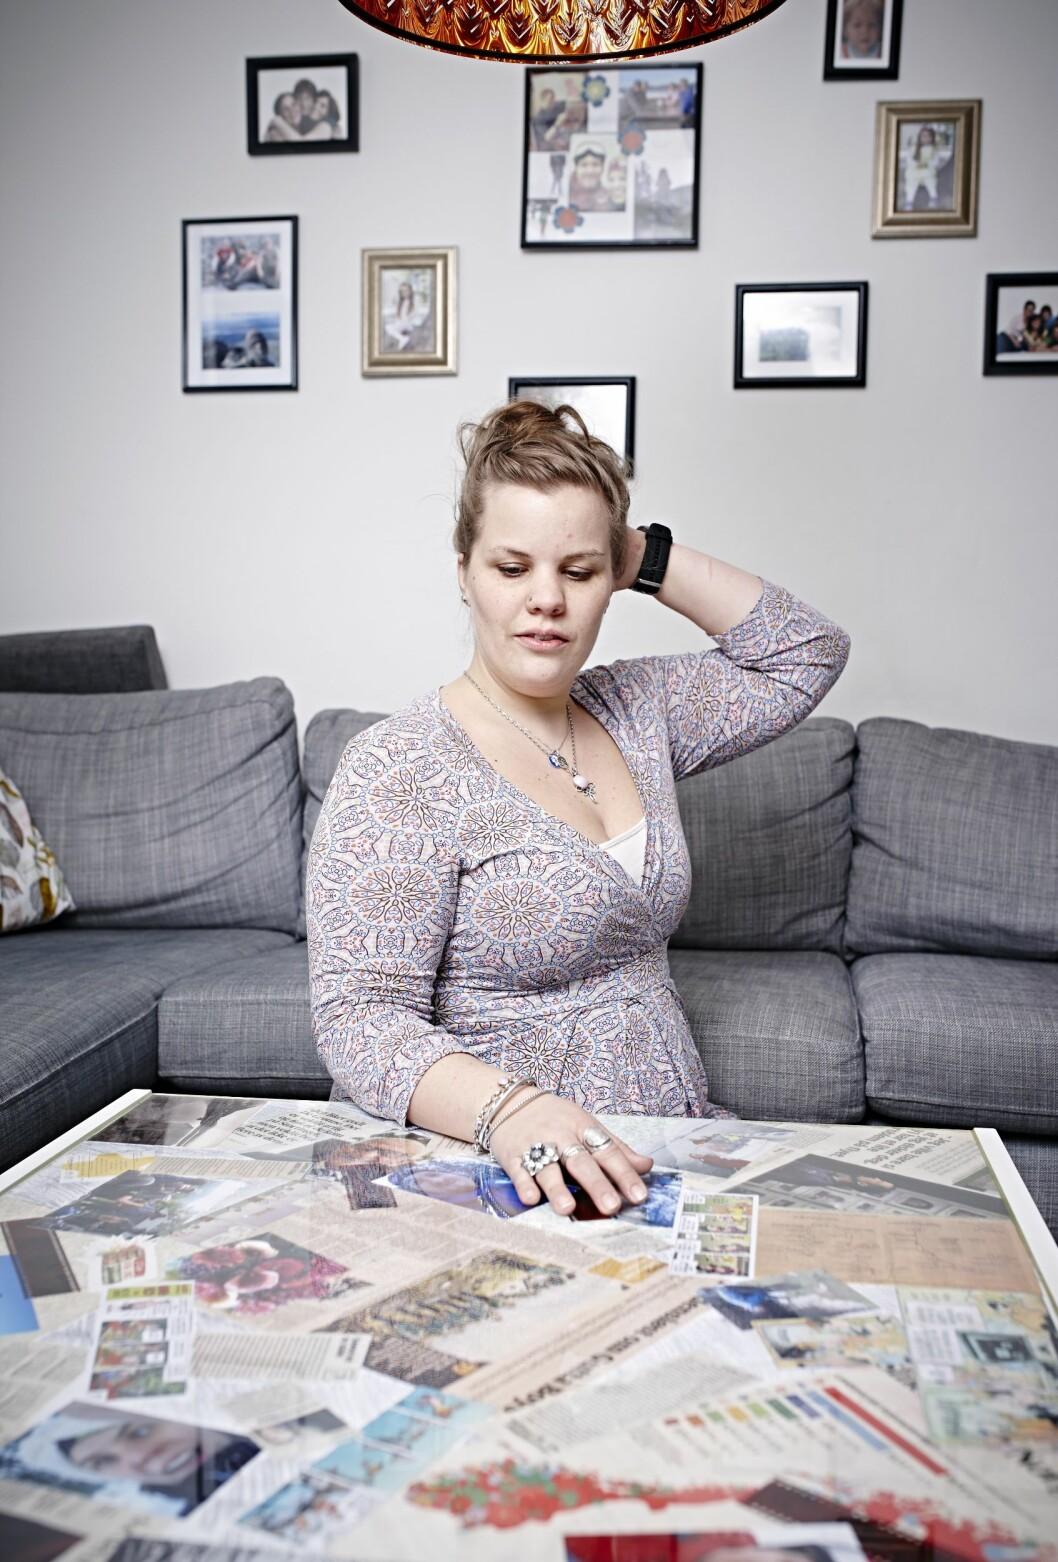 BEDRE HUKOMMELSE: Terese fikk bedre hukommelse etter operasjonen, men fortsatt er det mange hull ihukommelsen hennes. Foto: Geir Dokken